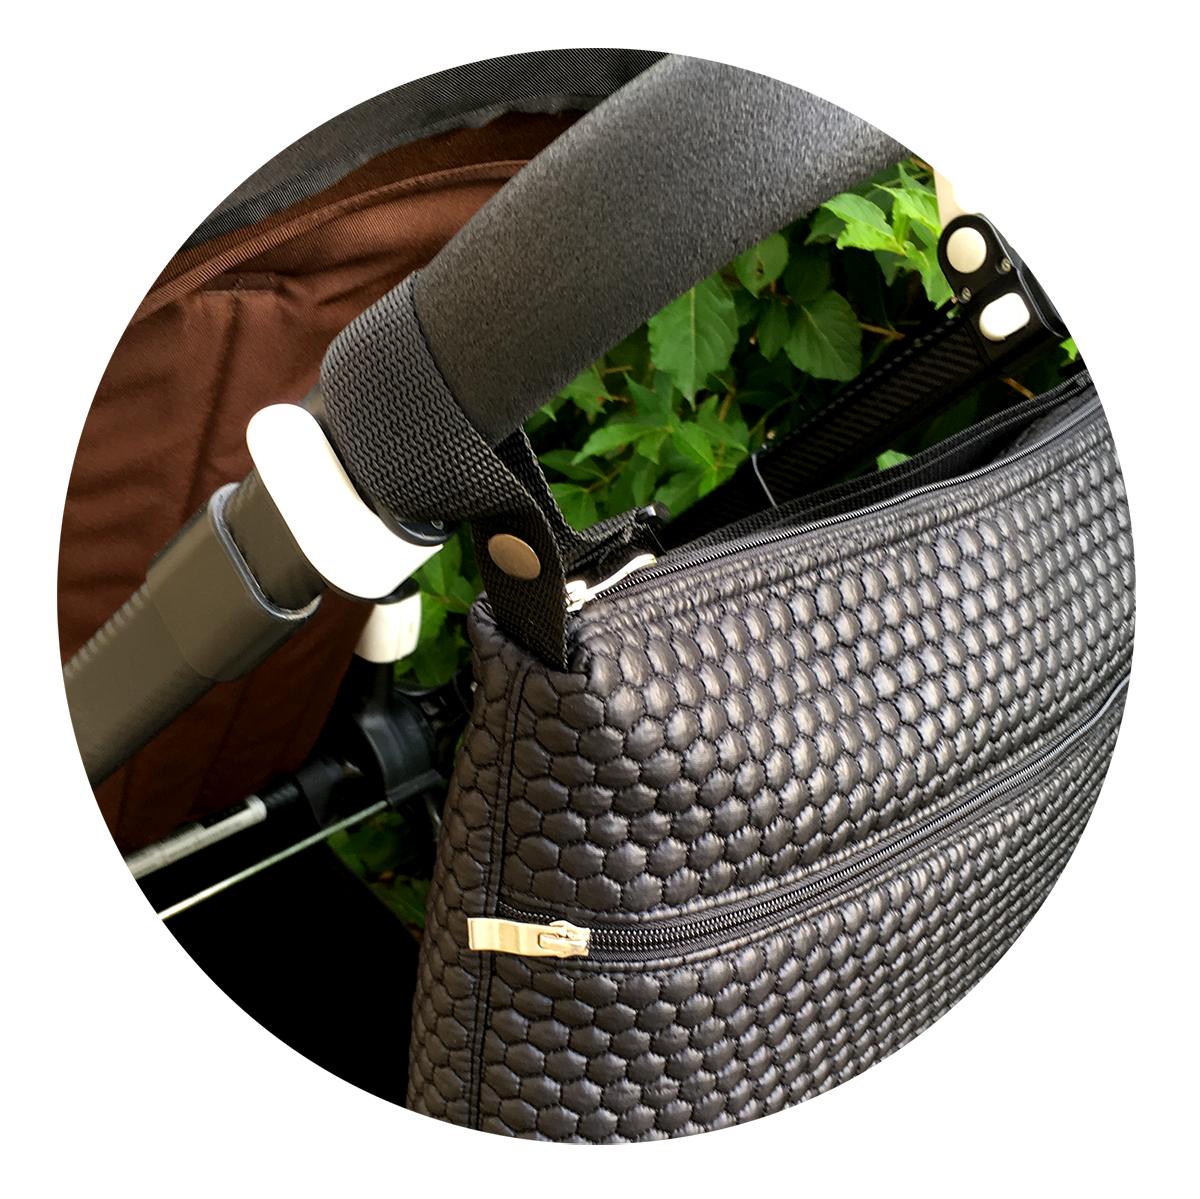 kliknutít zobrazíte maximální velikost obrázku taška Black Comb-crossbody